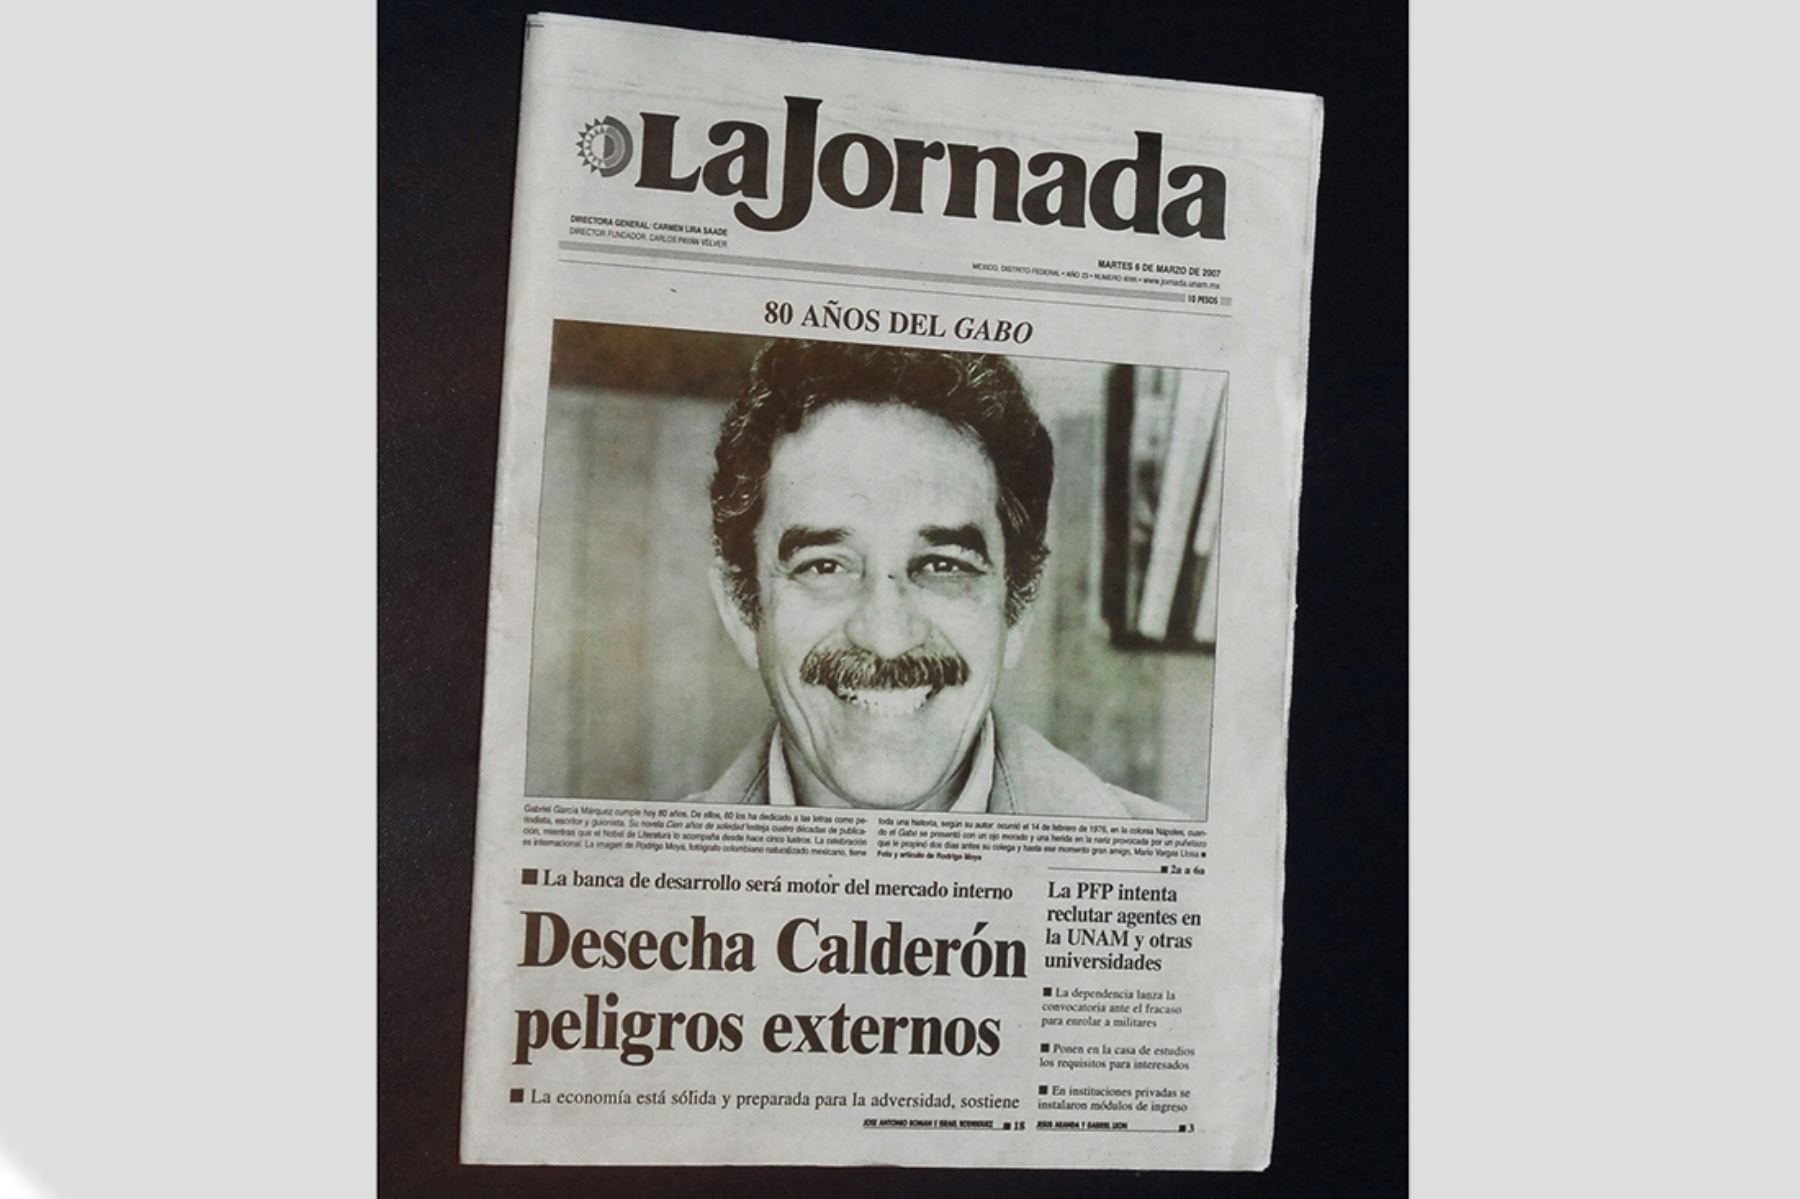 Ciudad de México - 6 marzo 2007 / El fotógrafo Rodrigo Moya difundió por primera vez una fotografía tomada hace 30 año a Gabriel García Márquez con los efectos de la presunta agresión que sufrió por parte del peruano Mario Vargas Llosa y que puso fin a la amistad entre ambos. El diario mexicano La Jornada publicó la fotografía en portada del escritor mexicano con el ojo morado.   Foto: EFE